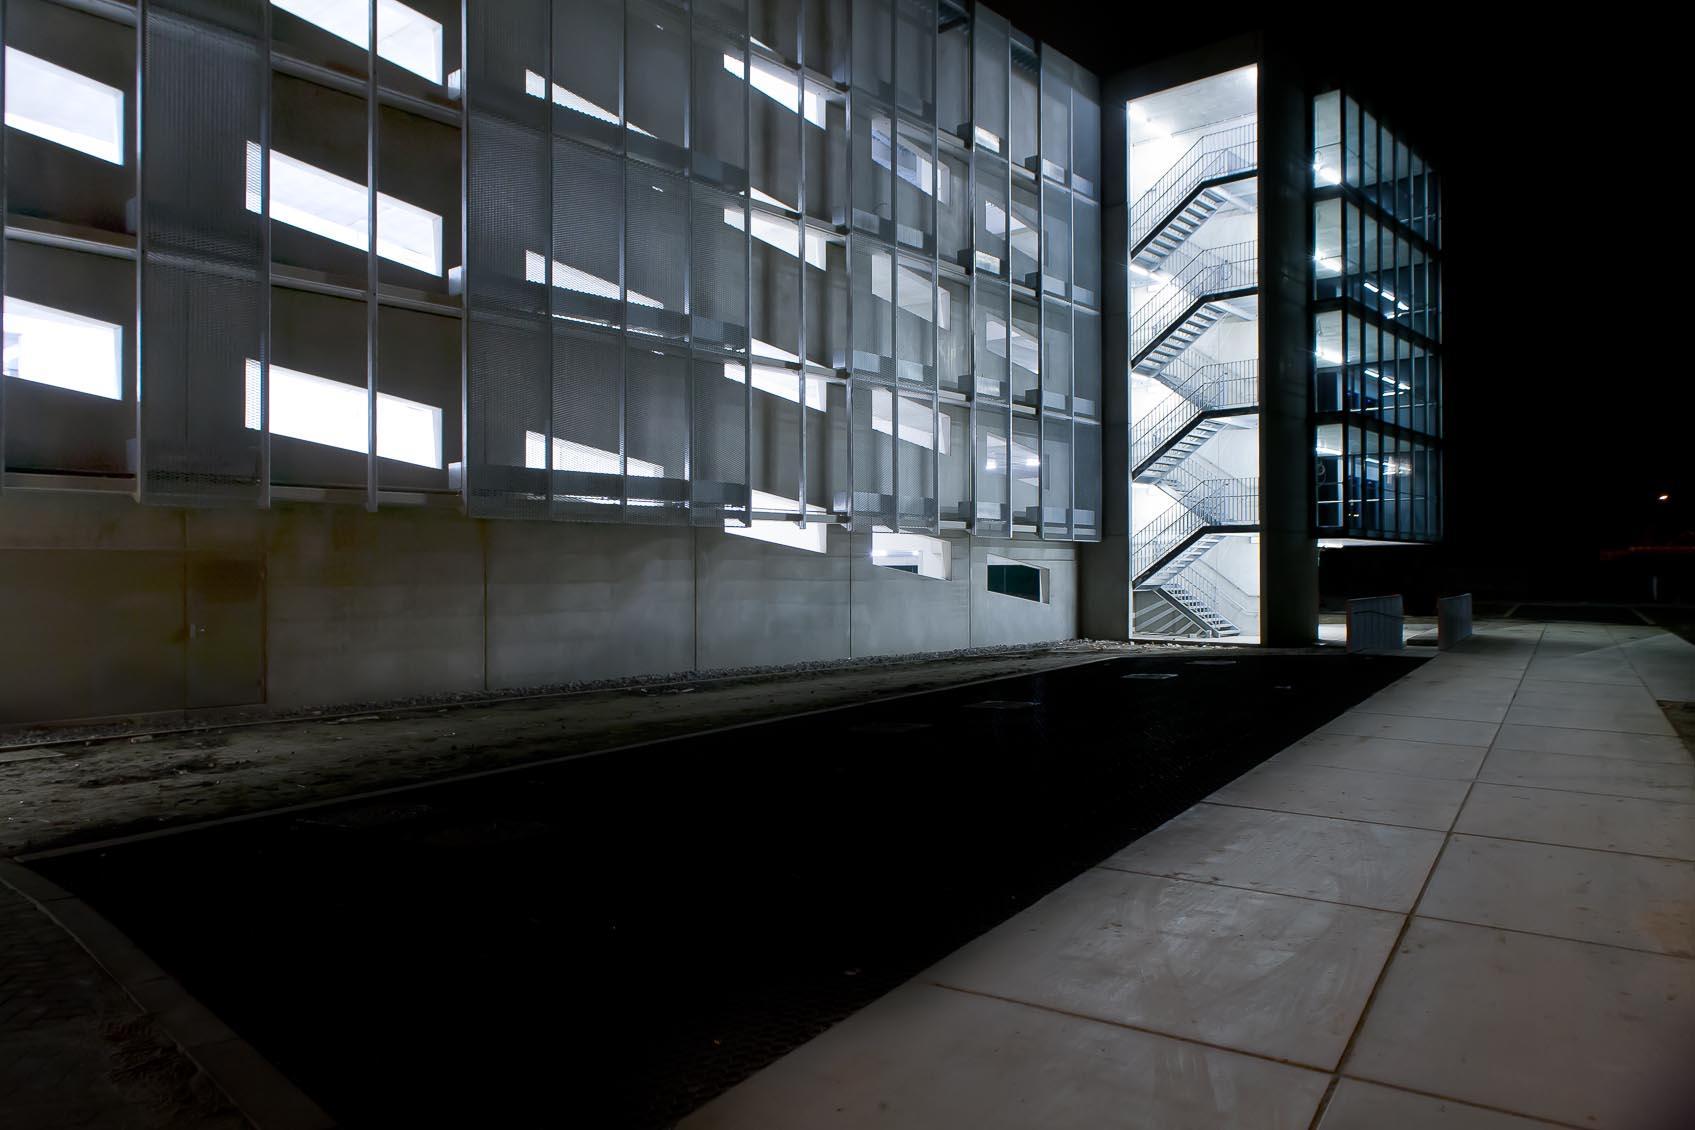 lichtarchitectuur met ledverlichting